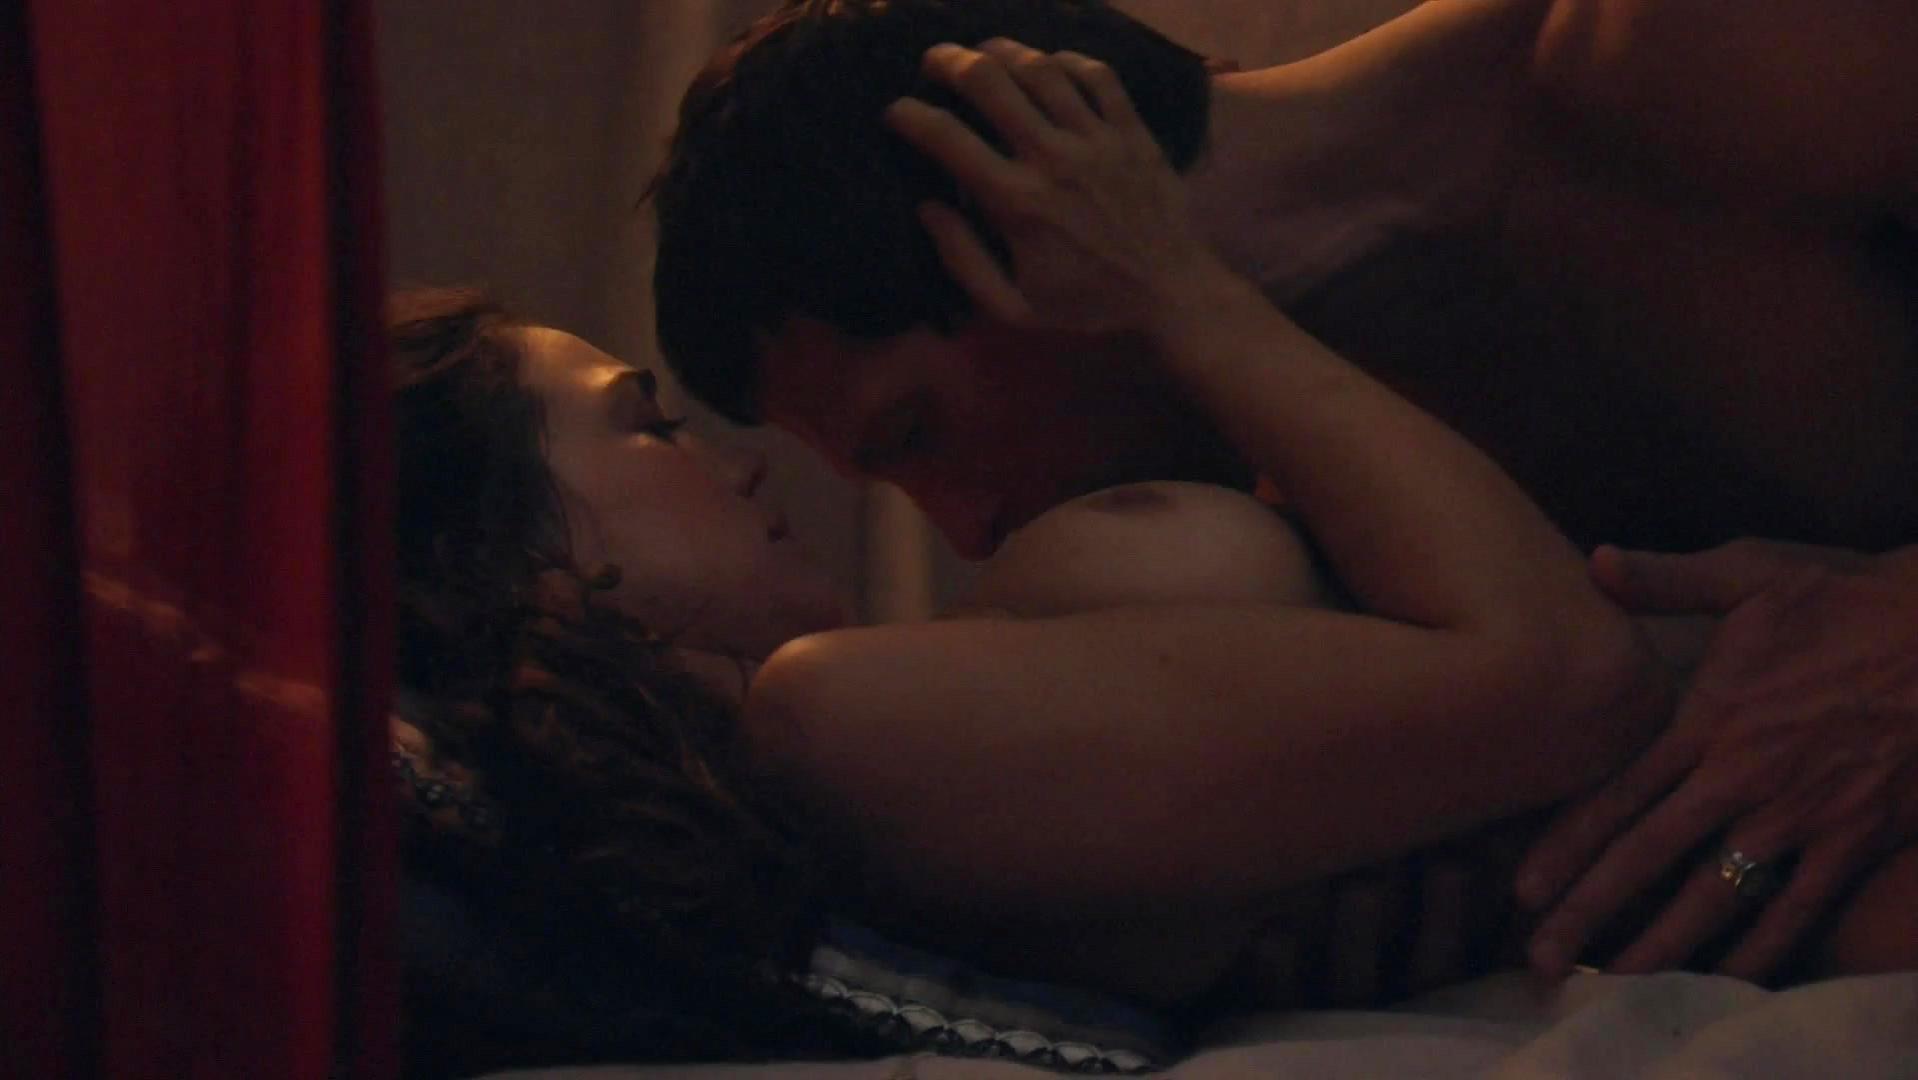 Jenna Lind nude - Spartacus s03e07 (2013)